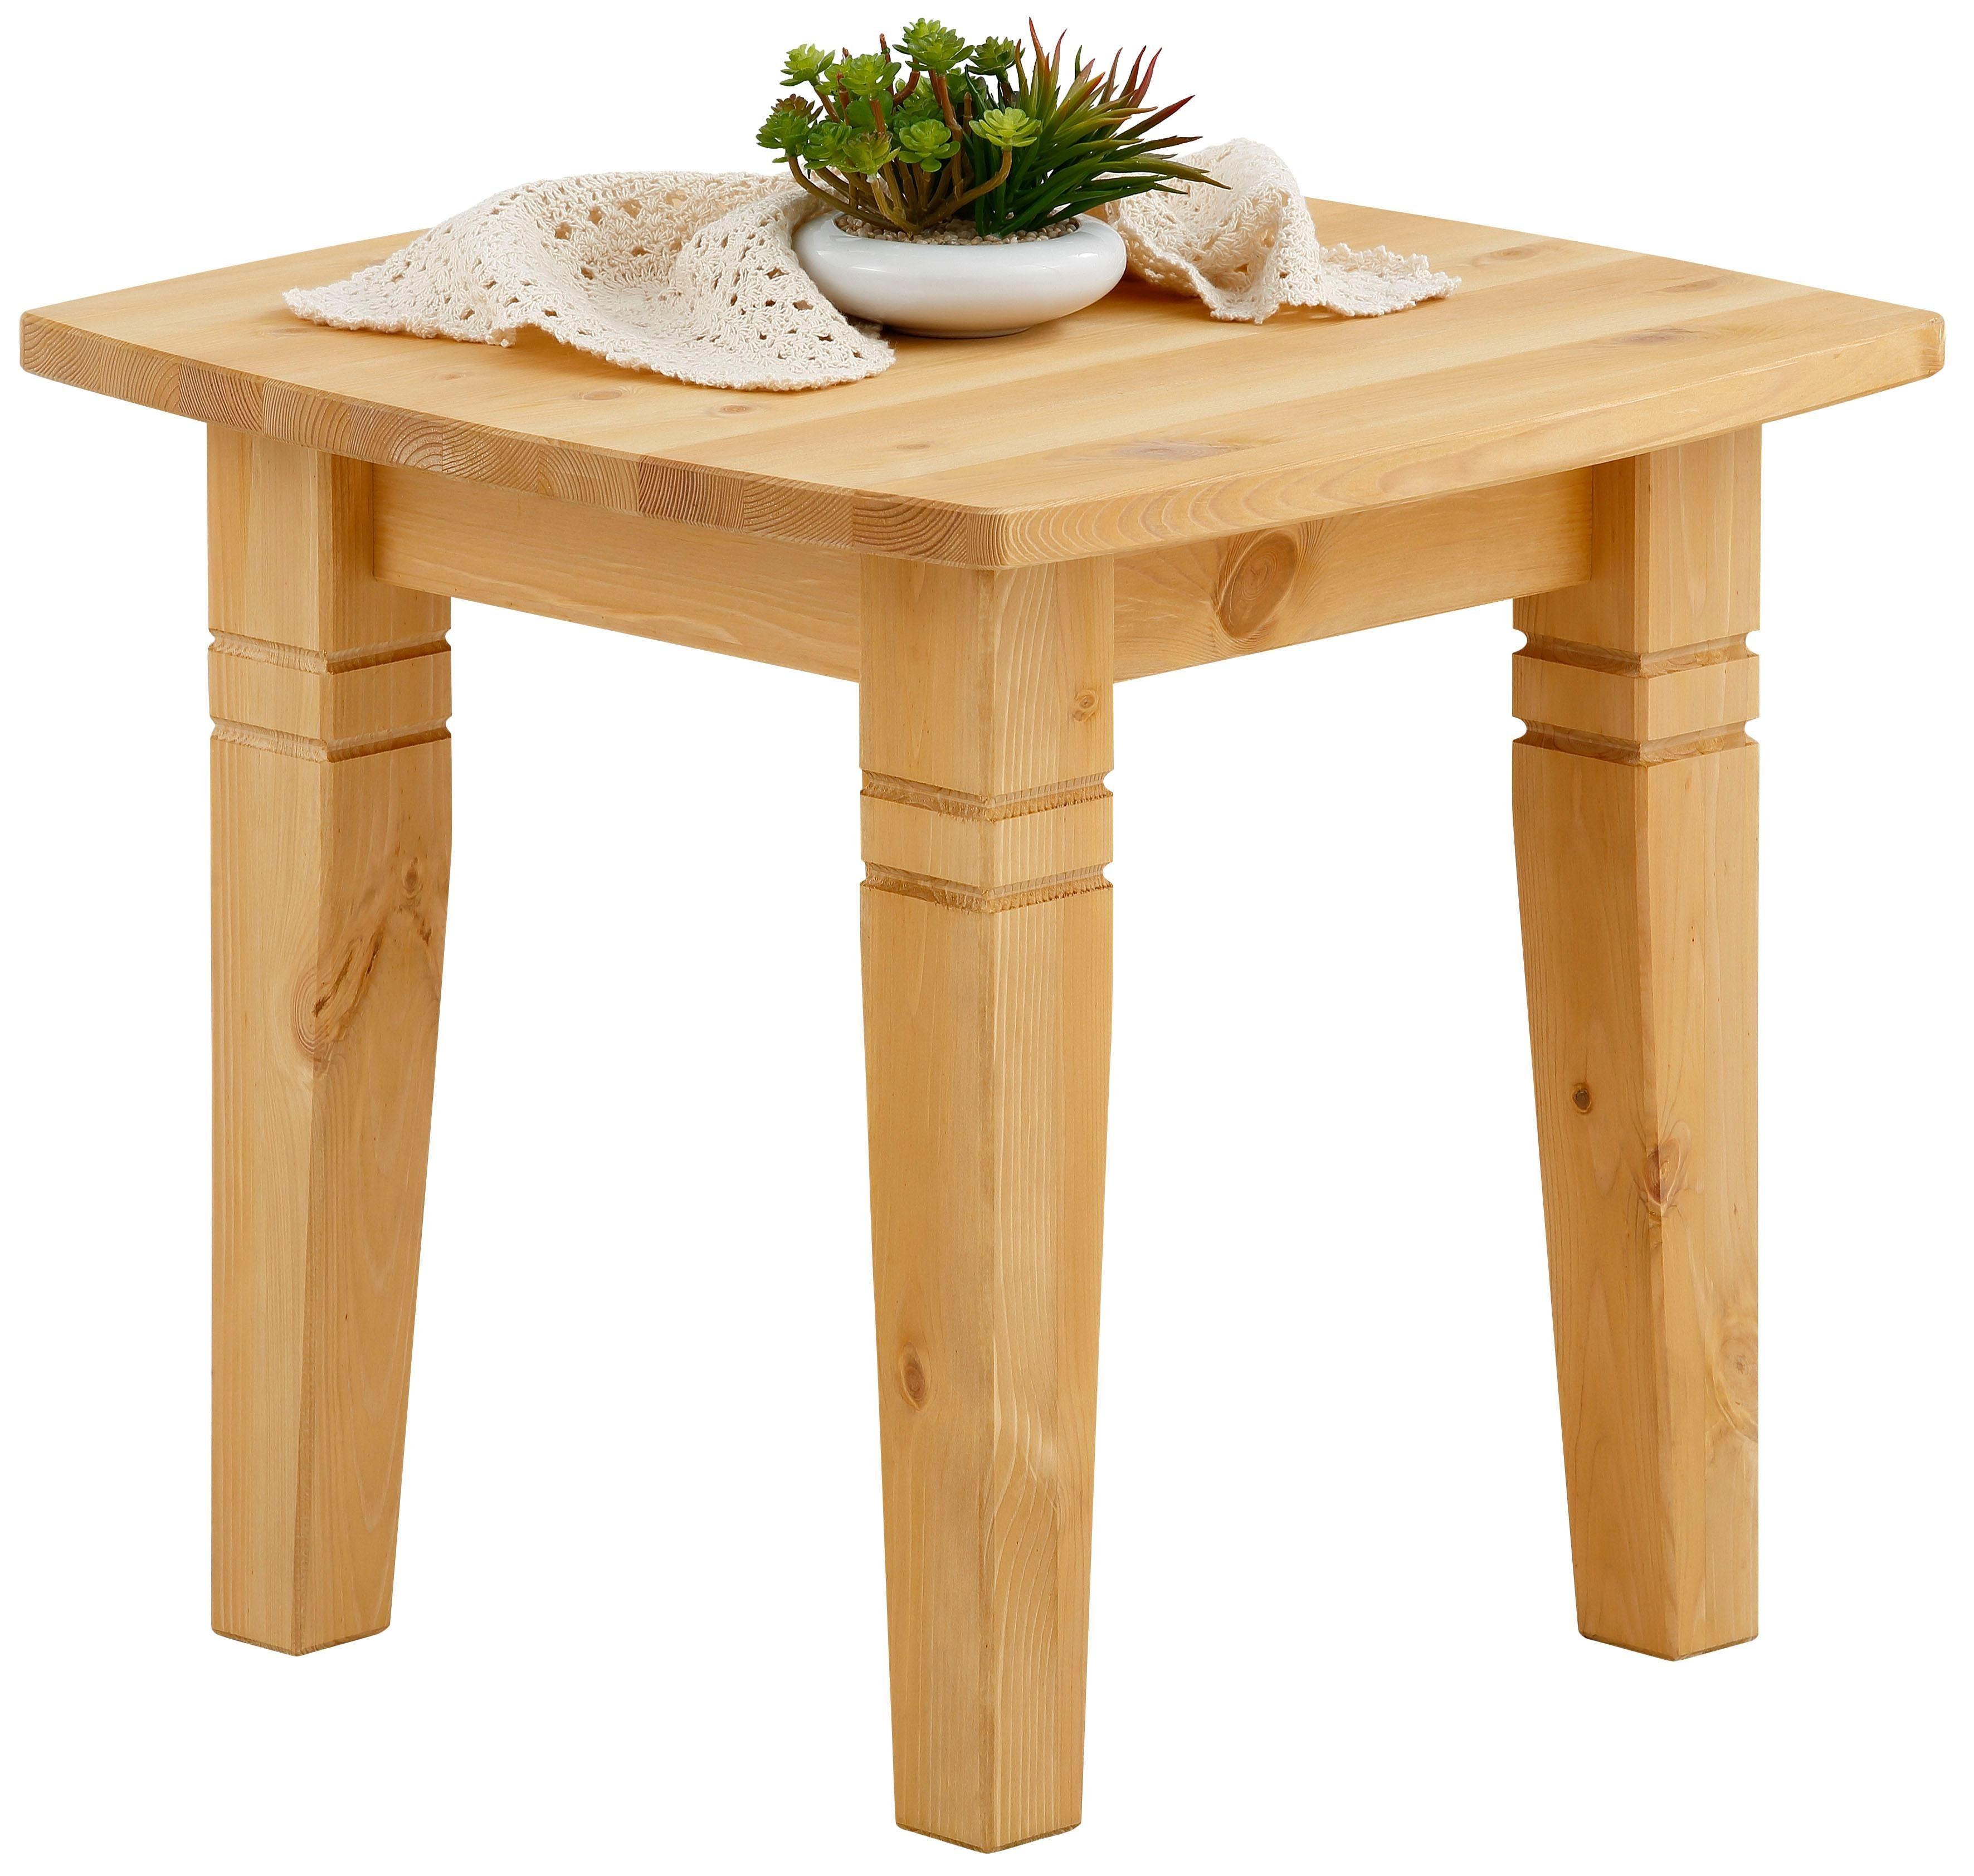 Home affaire Couchtisch »Theresa«, mit quadratischer oder rechteckige Tischplatte in 3 verschiedenen Farben.